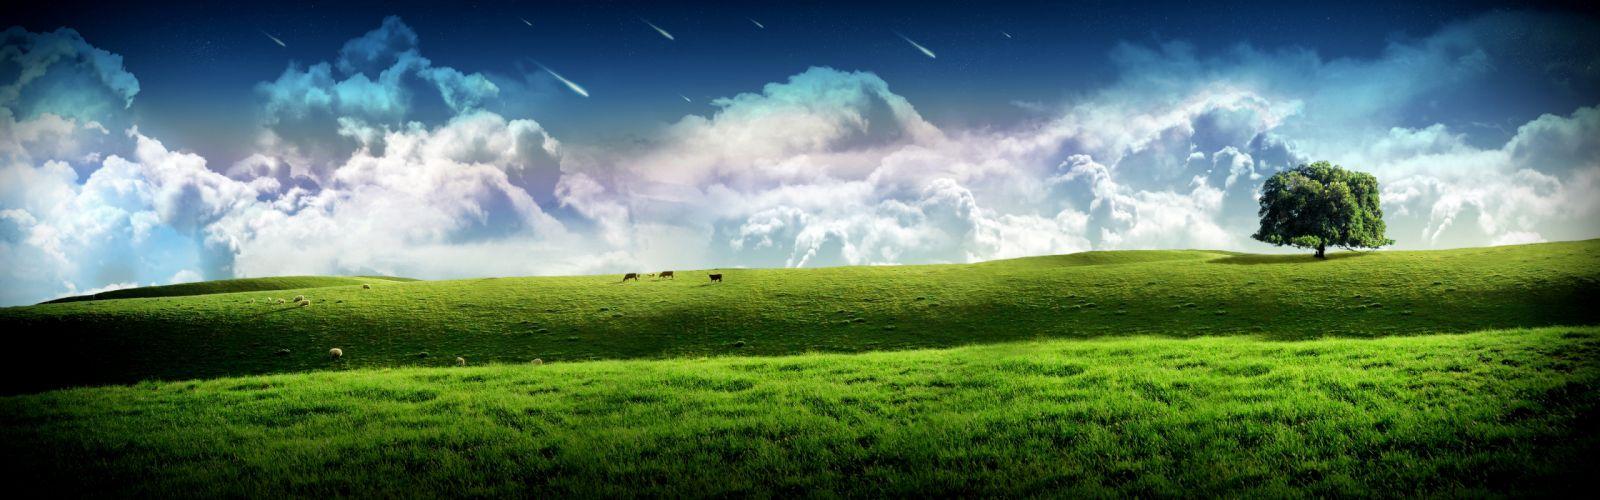 Multi Monitor Dual Screen cg digital art dream manip grass hill trees sky clouds stars wallpaper